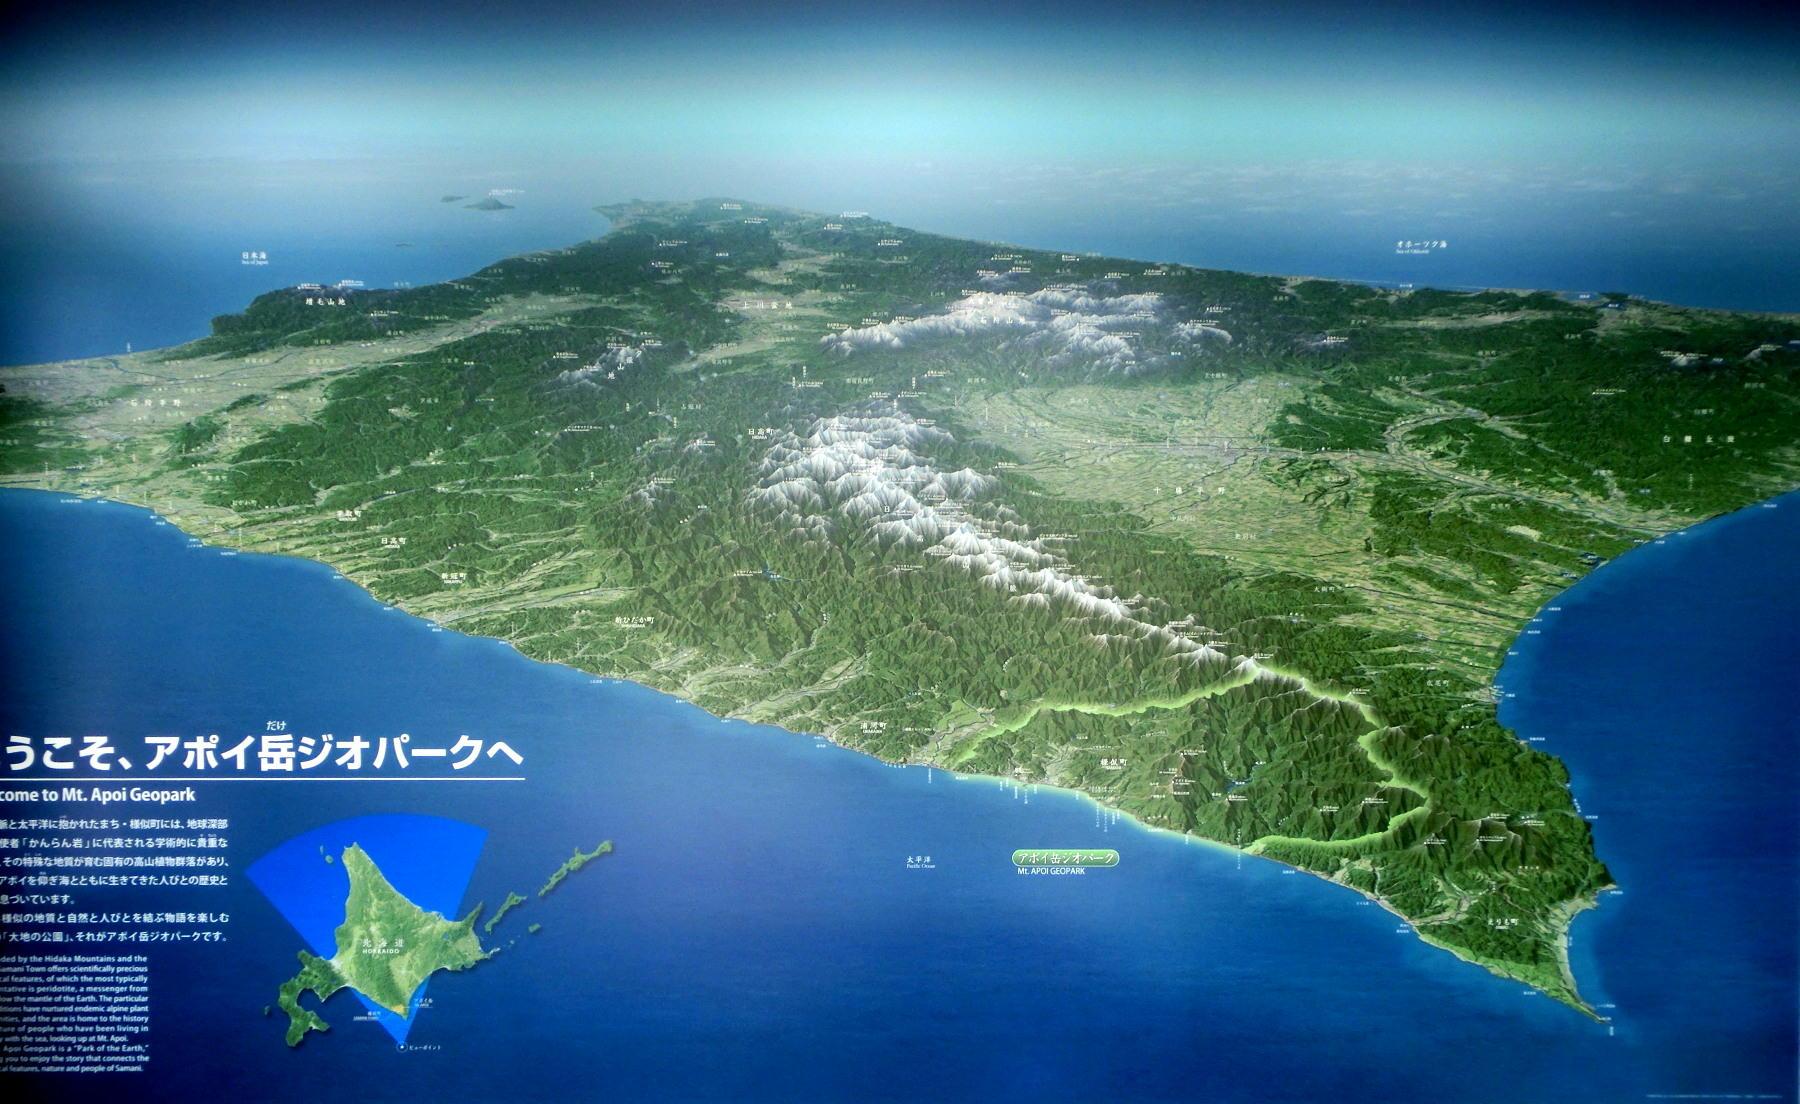 シノリガモ  アポイ岳の高山植物に逢う前に。 2014.5.25北海道04_a0146869_6235677.jpg